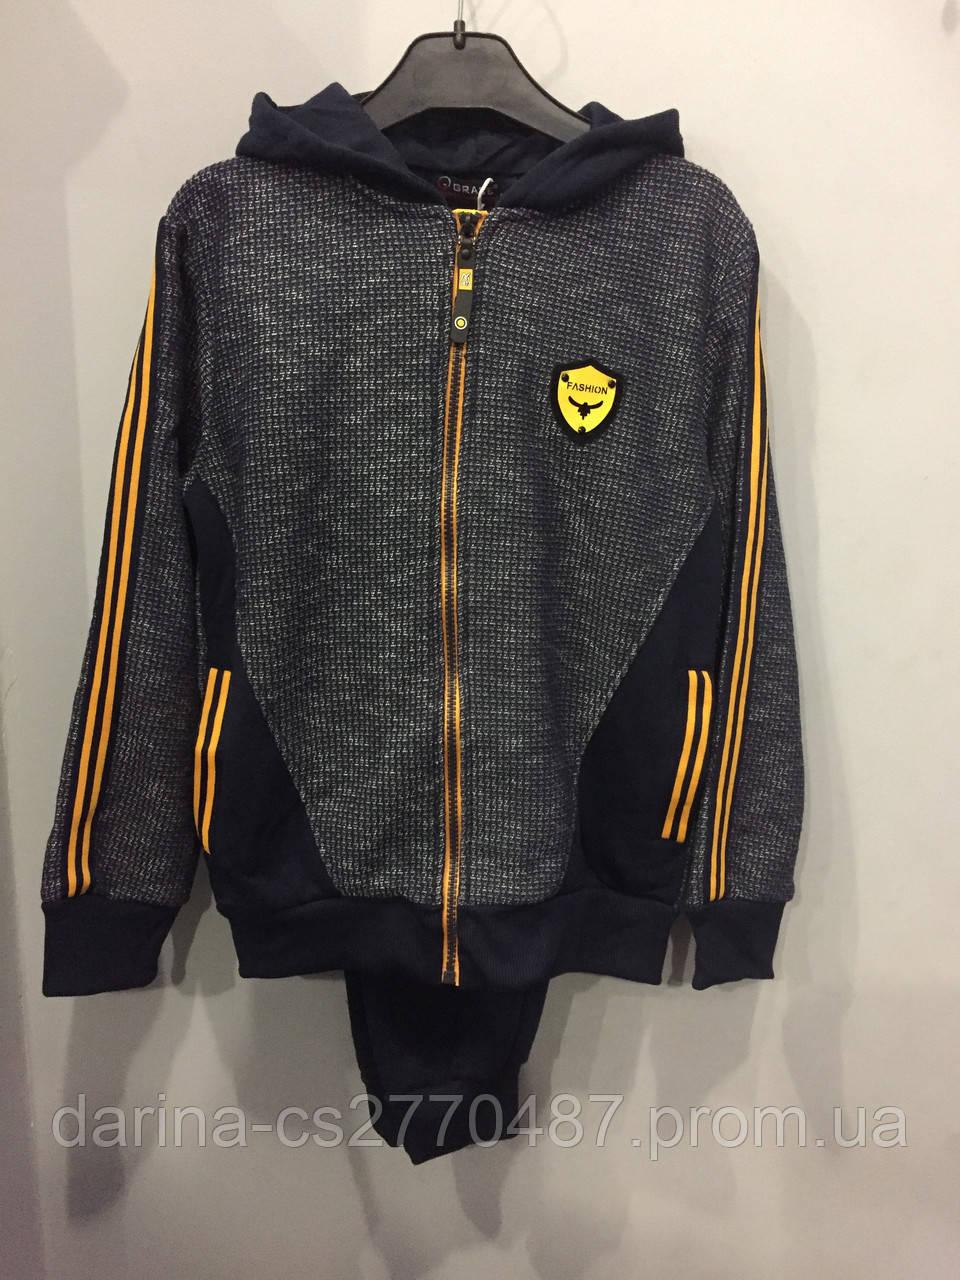 b0fab75d2cf Утепленный спортивный костюм для мальчика подростка - Дарина - интернет  магазин детской и мужской одежды.